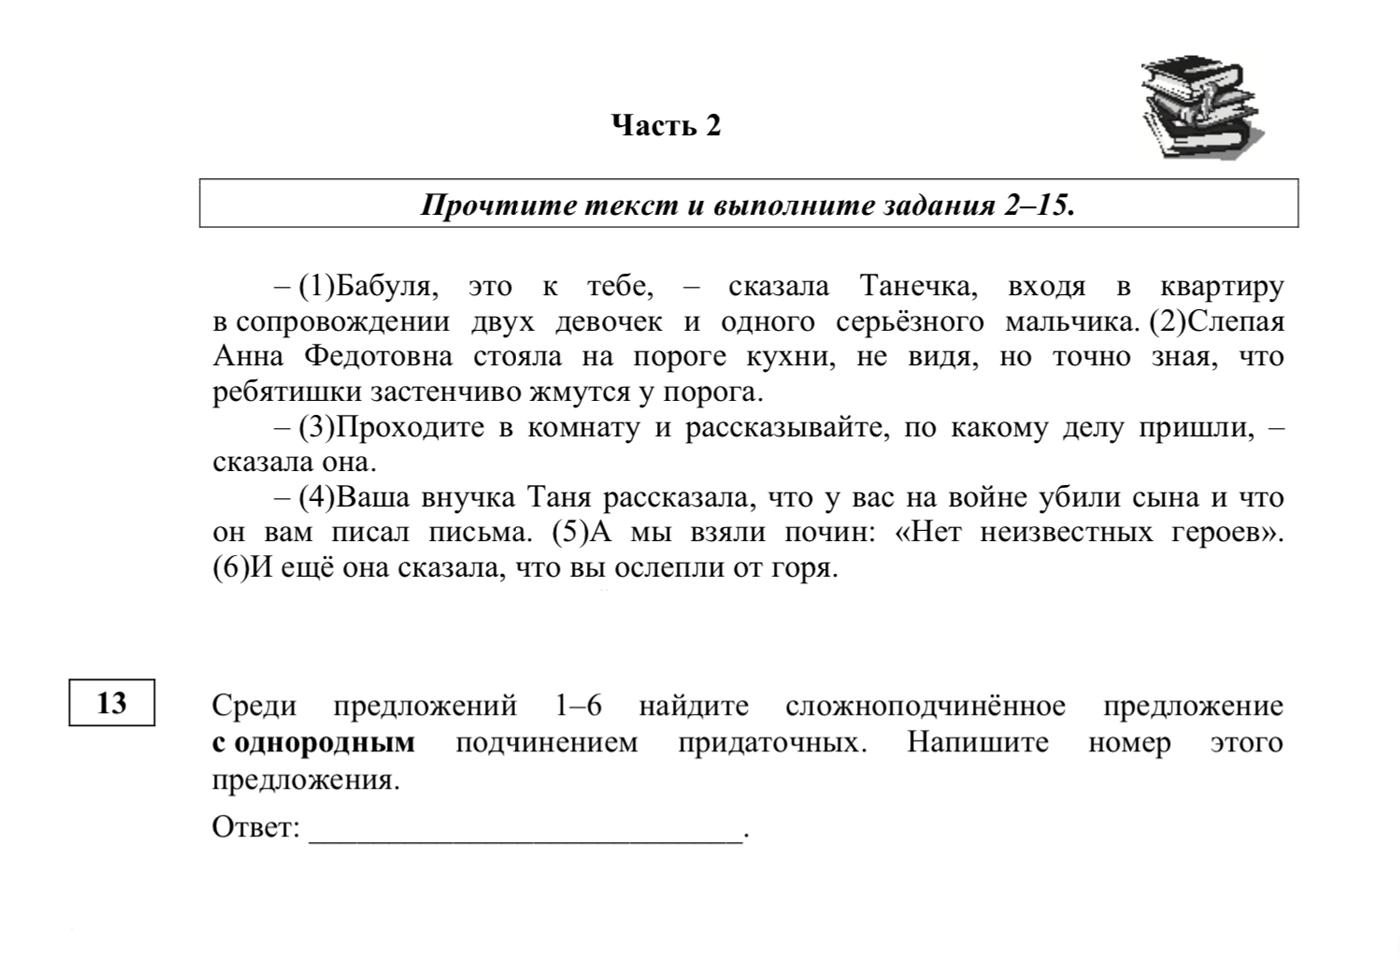 Задание № 13 из демоверсии. Правильный ответ — 4